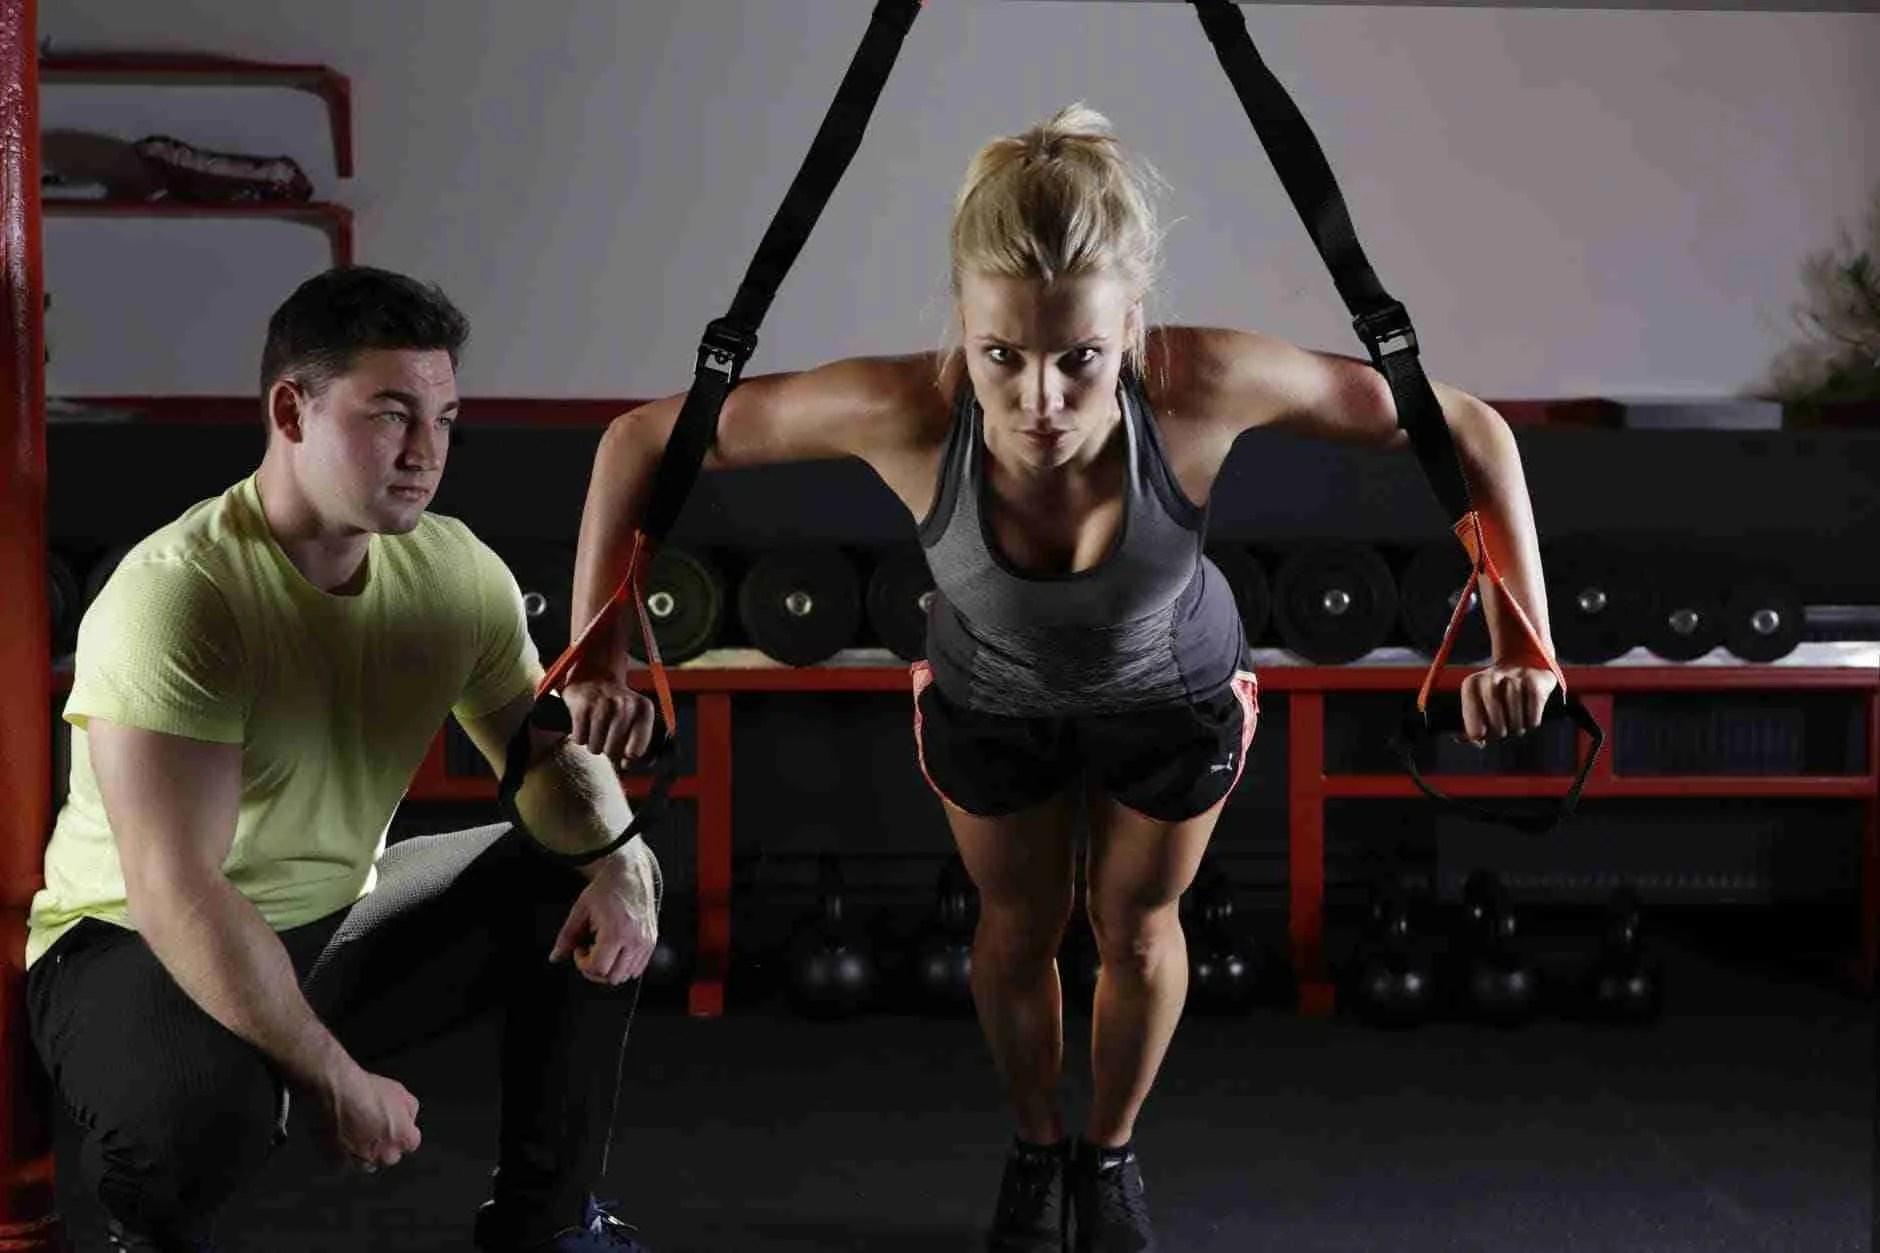 Read more about the article Esercizio fisico? Basta scuse! Meglio rafforzare il corpo oggi